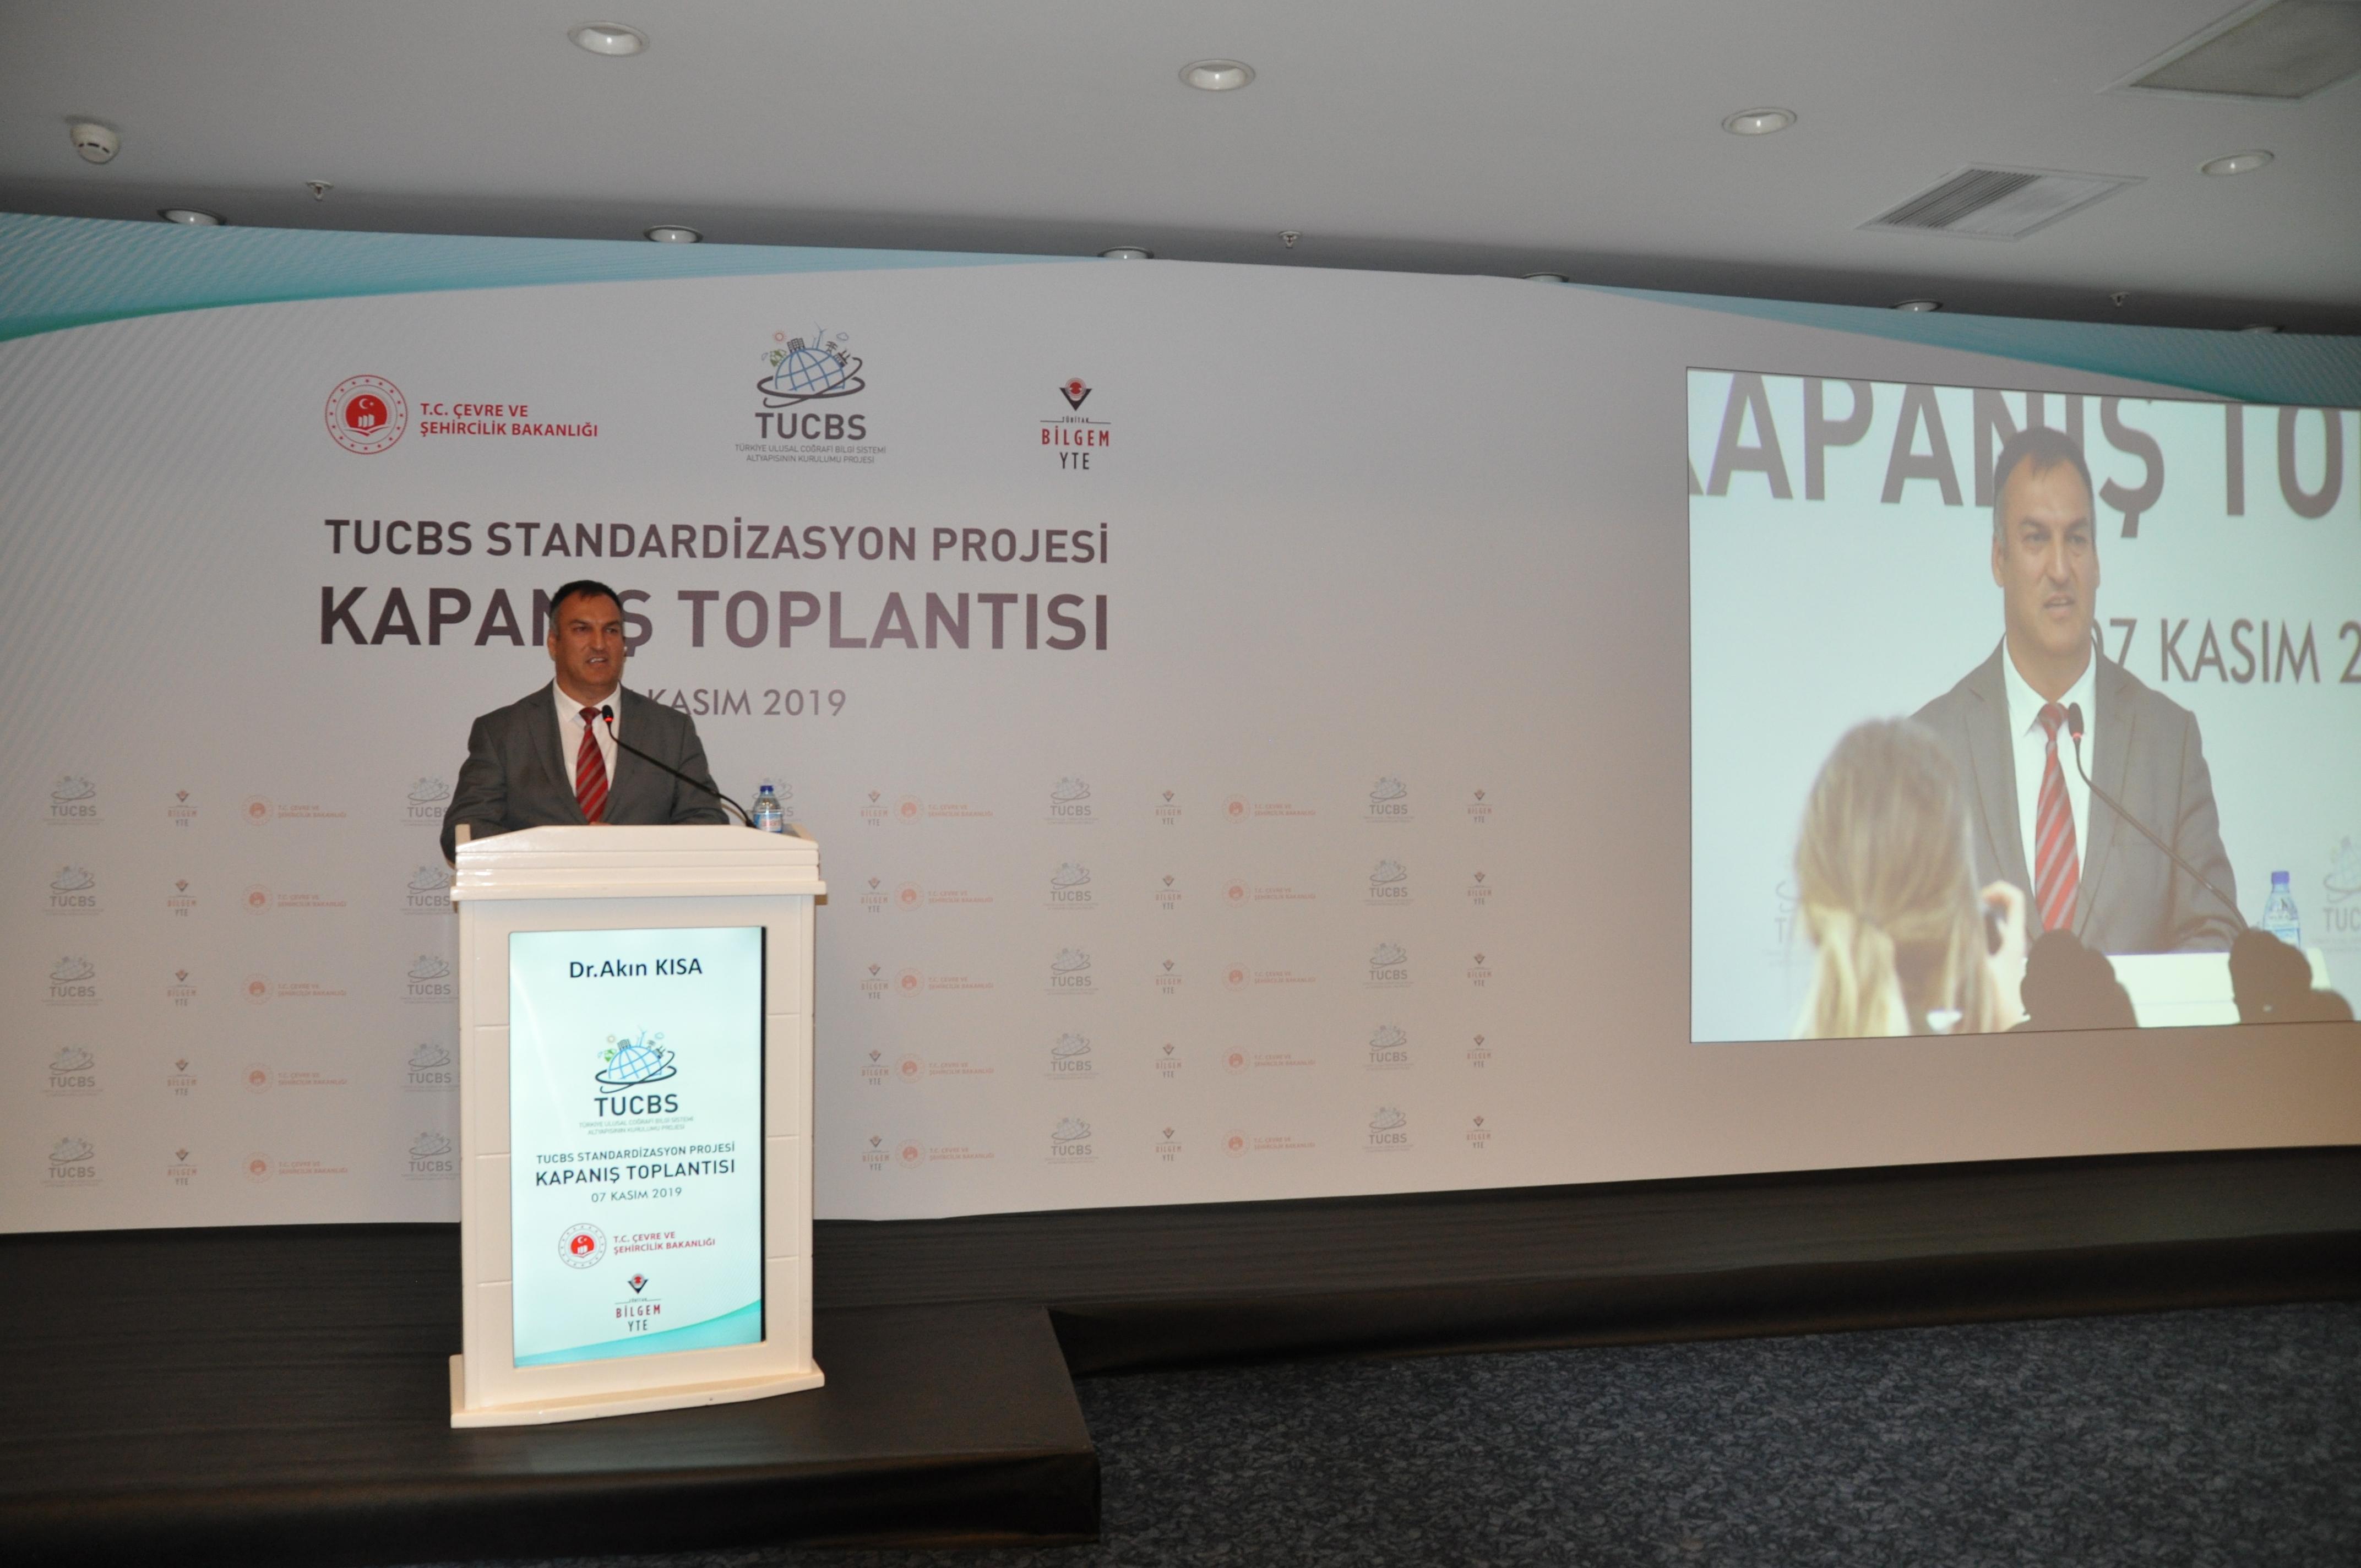 Türkiye Ulusal Coğrafi Bilgi Sistemi Standardizasyon Projesi Kapanış Toplantısı Yapıldı.